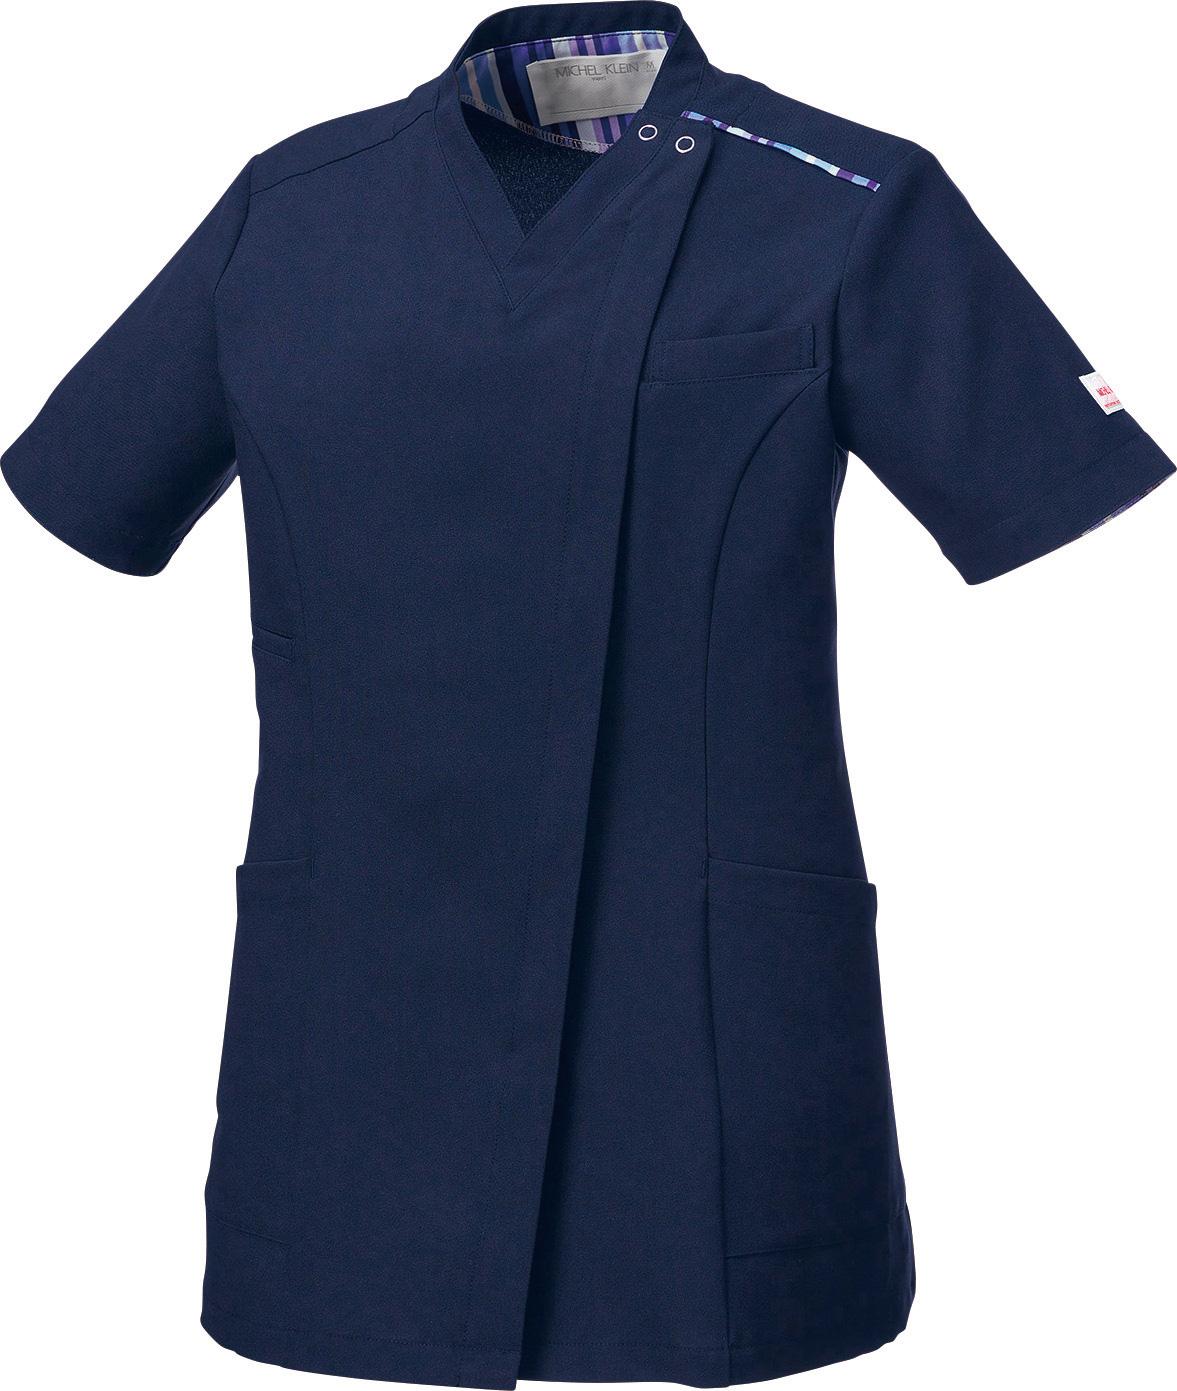 ミッシェルクラン レディースファスナースクラブ販売。刺繍、プリント加工対応します。研修医、医療チームウェアに人気